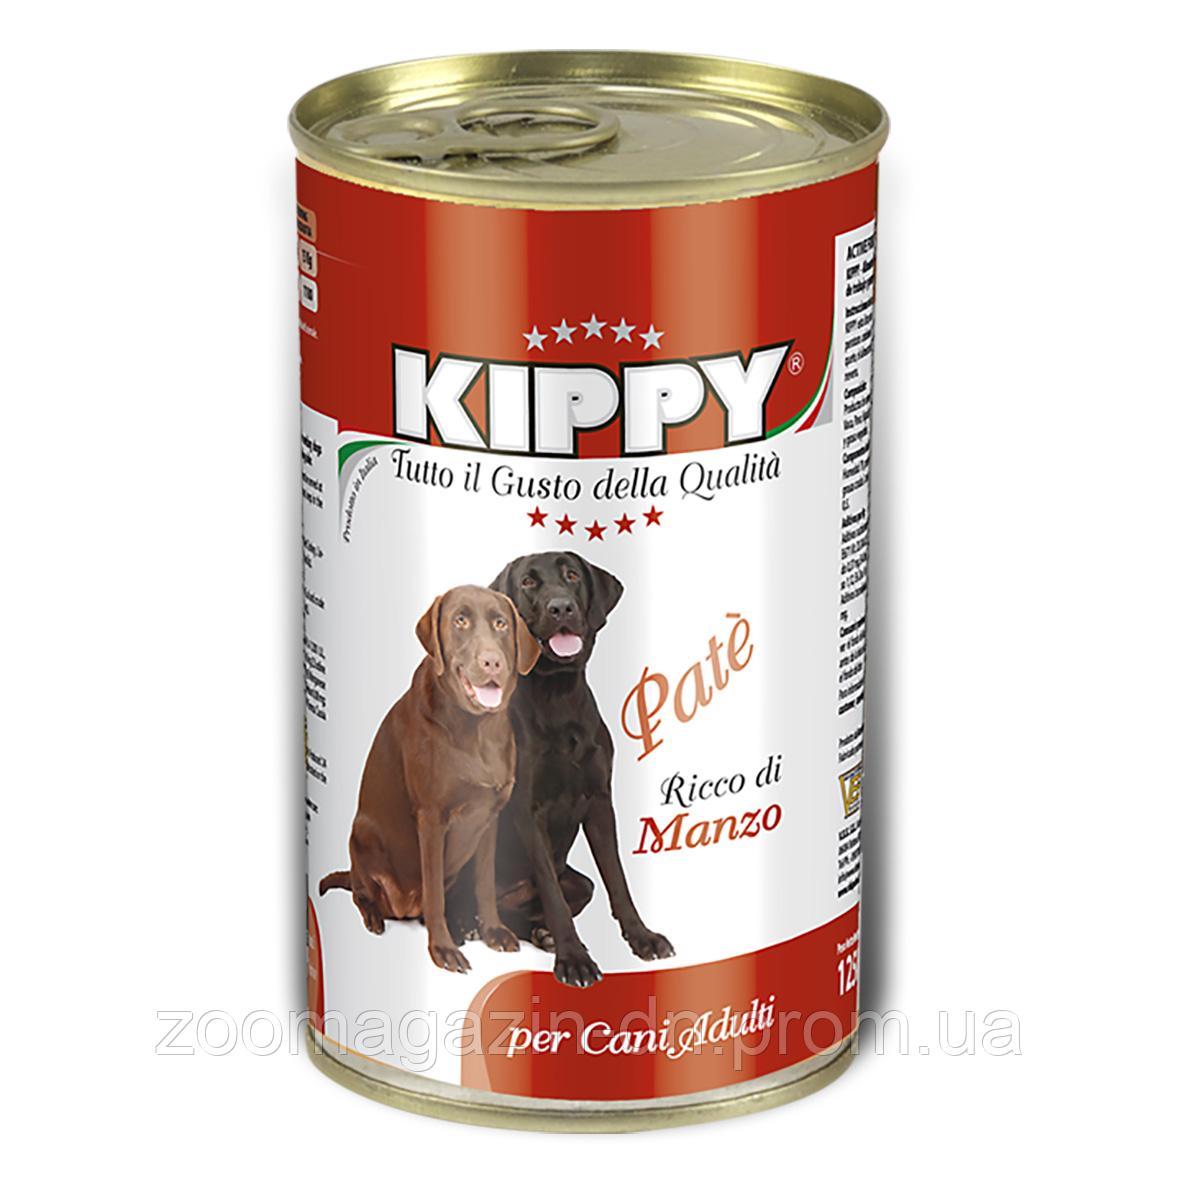 KIPPY Dog 1250g. говядина